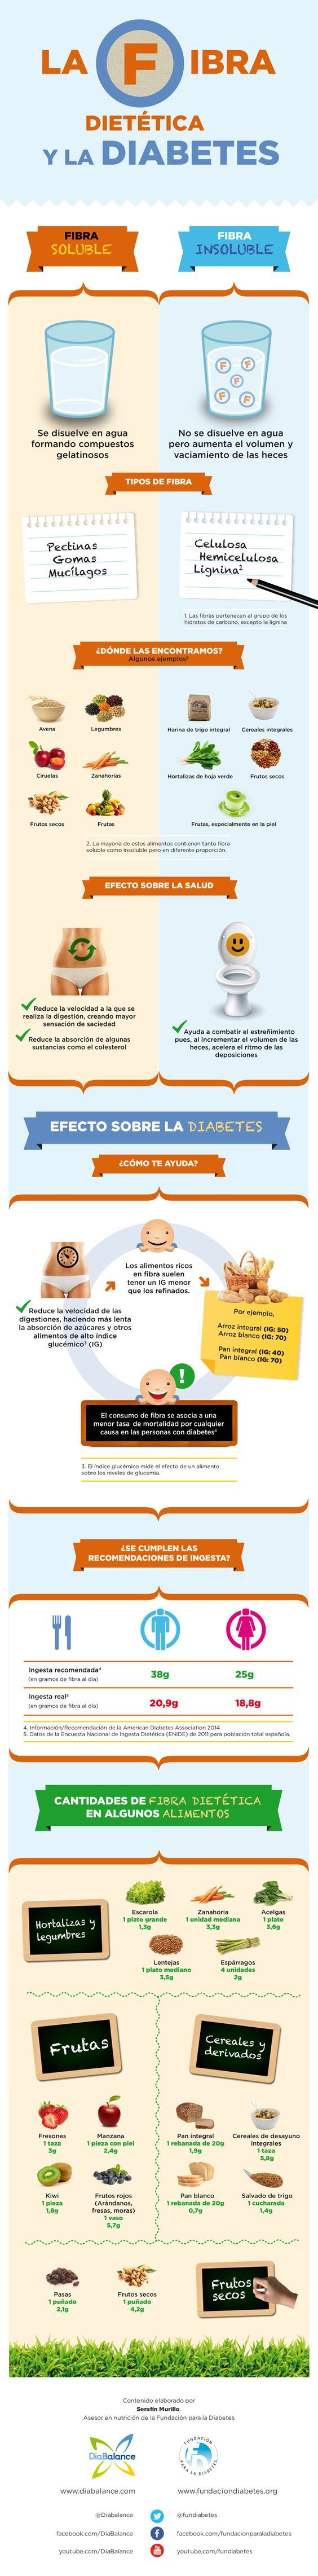 """Infografía: """"La fibra dietética y la diabetes"""""""